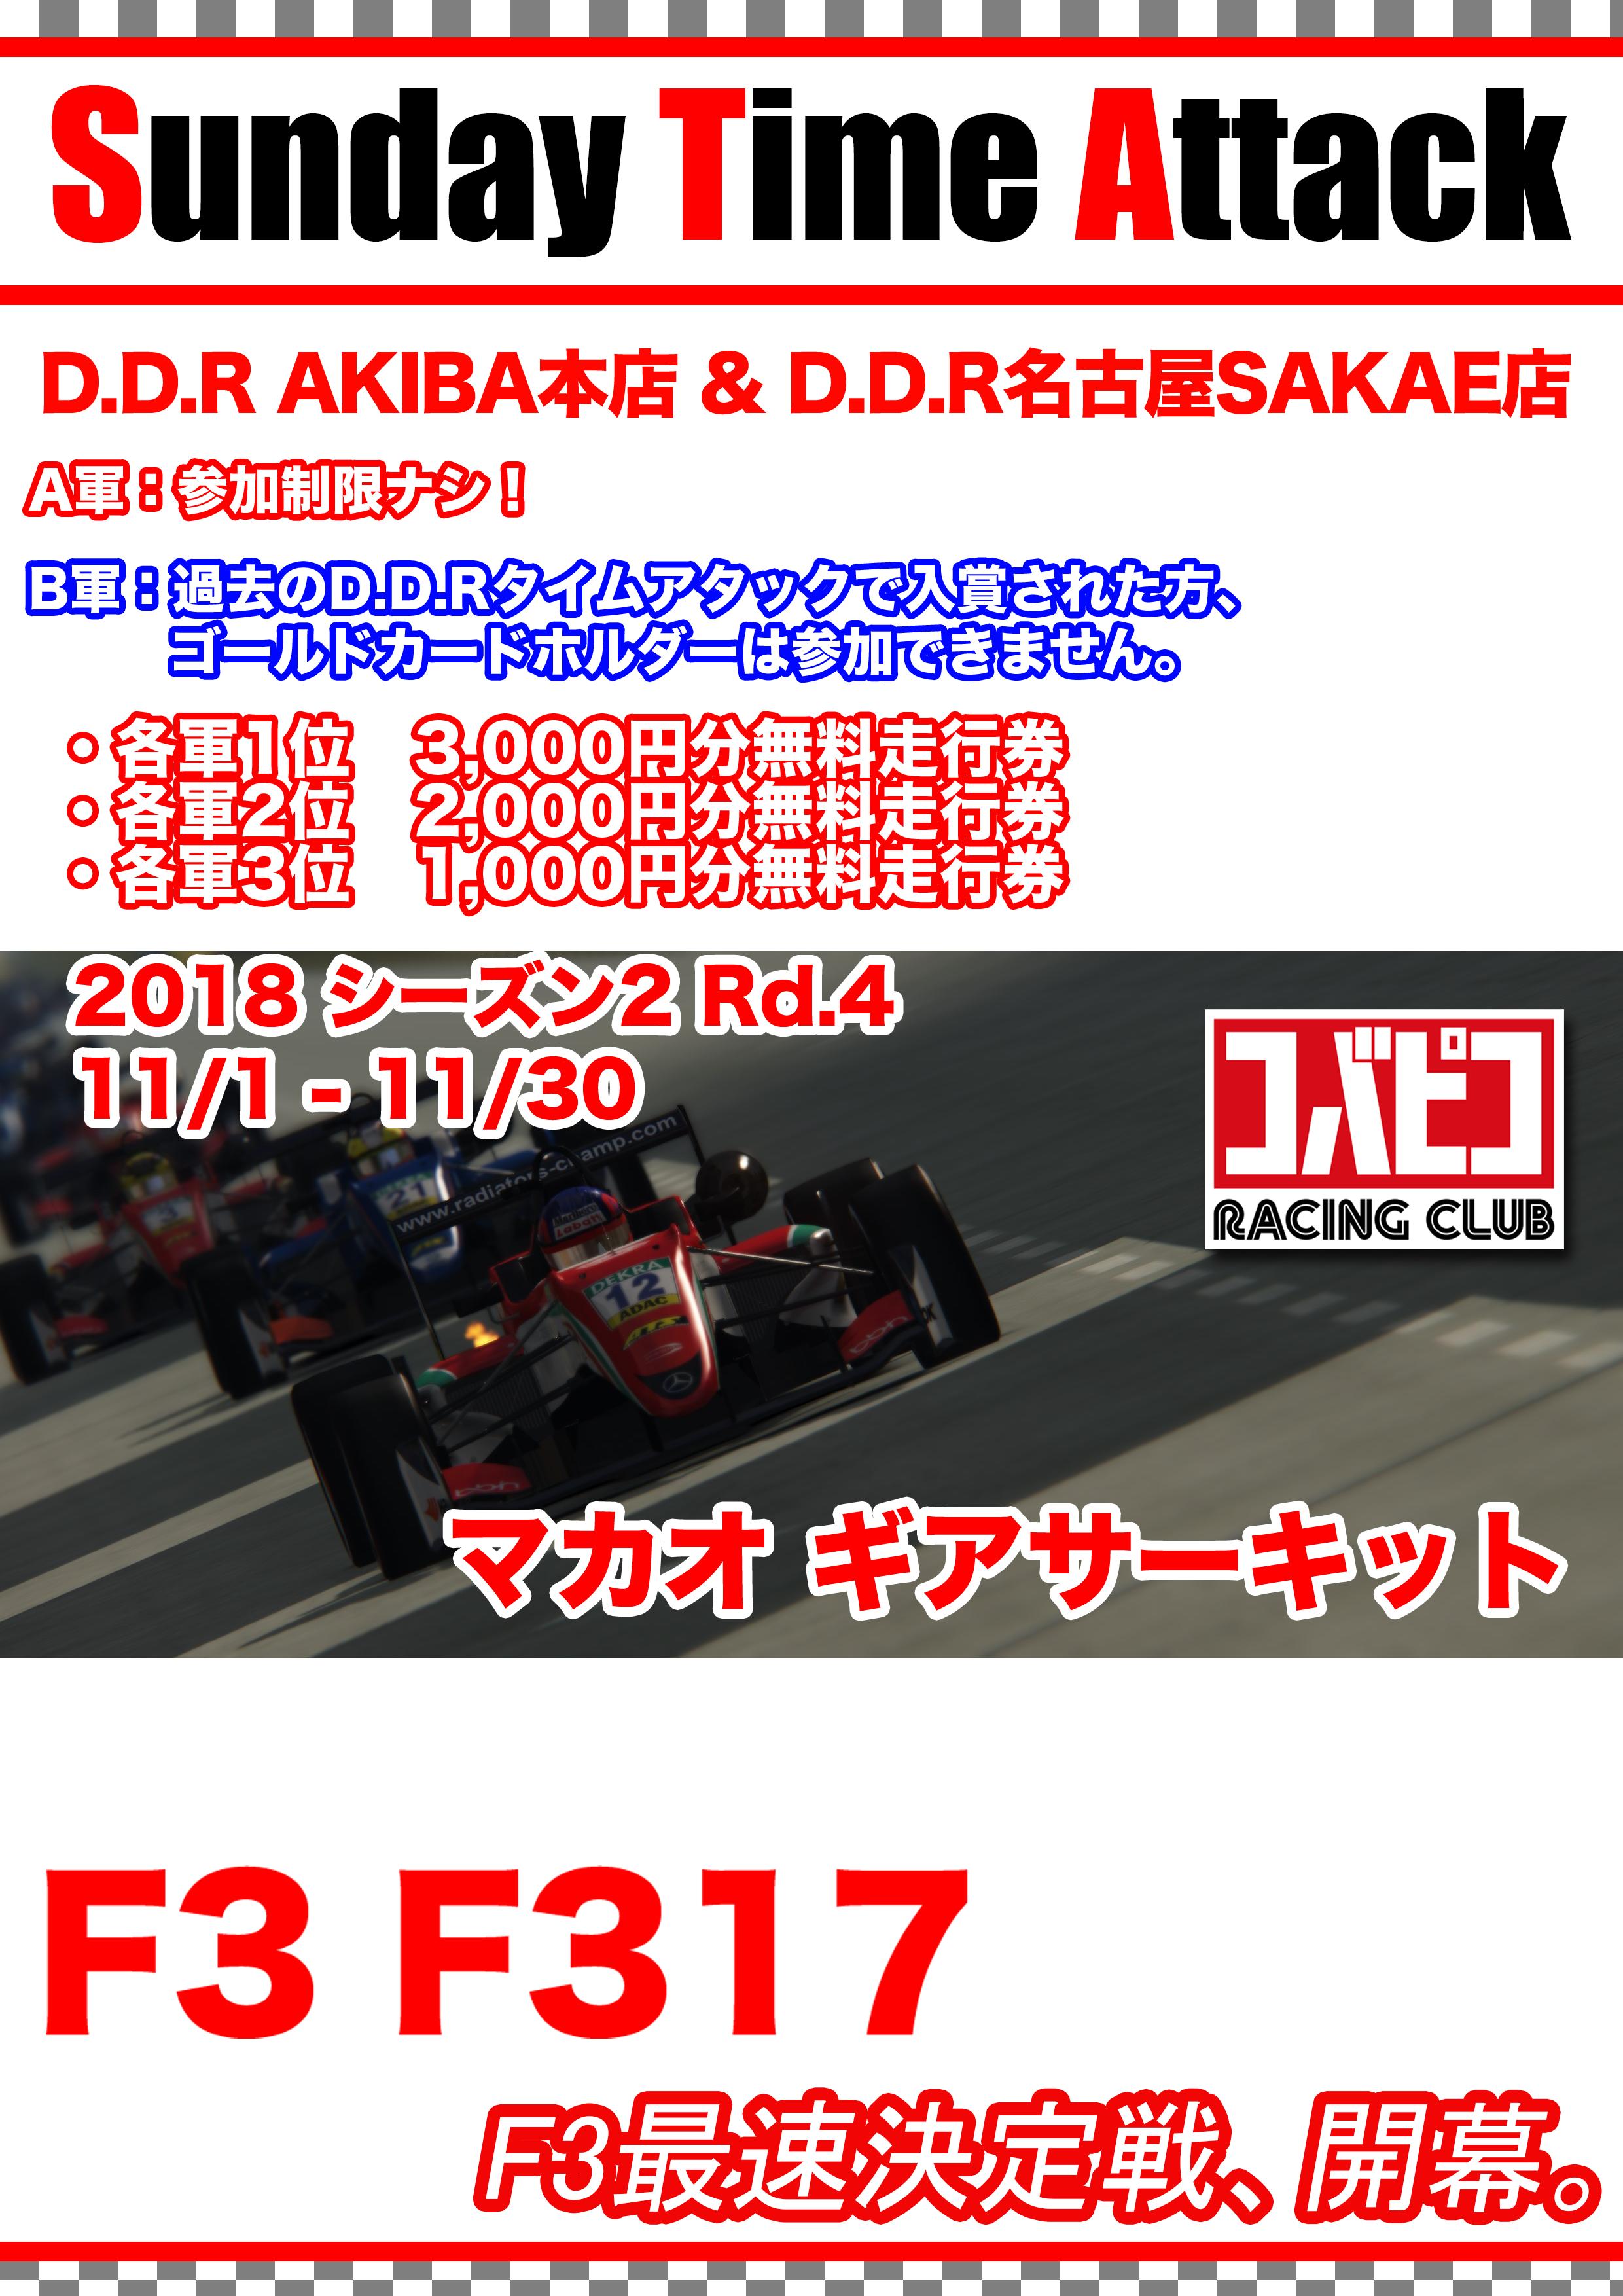 STA2_Rd4